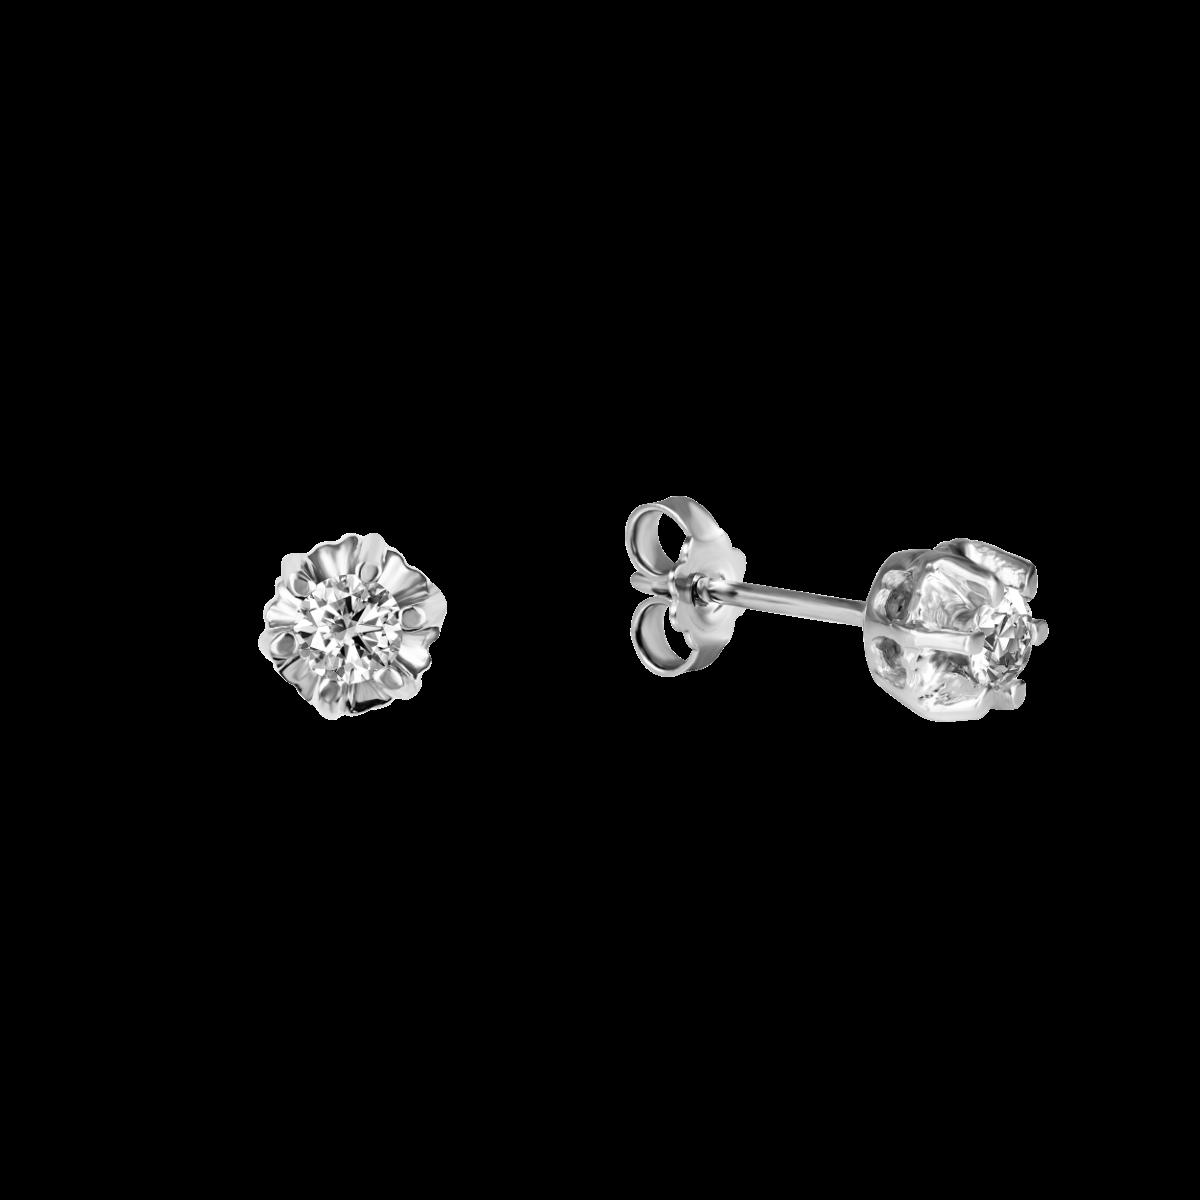 Brincos de diamantes en ouro branco